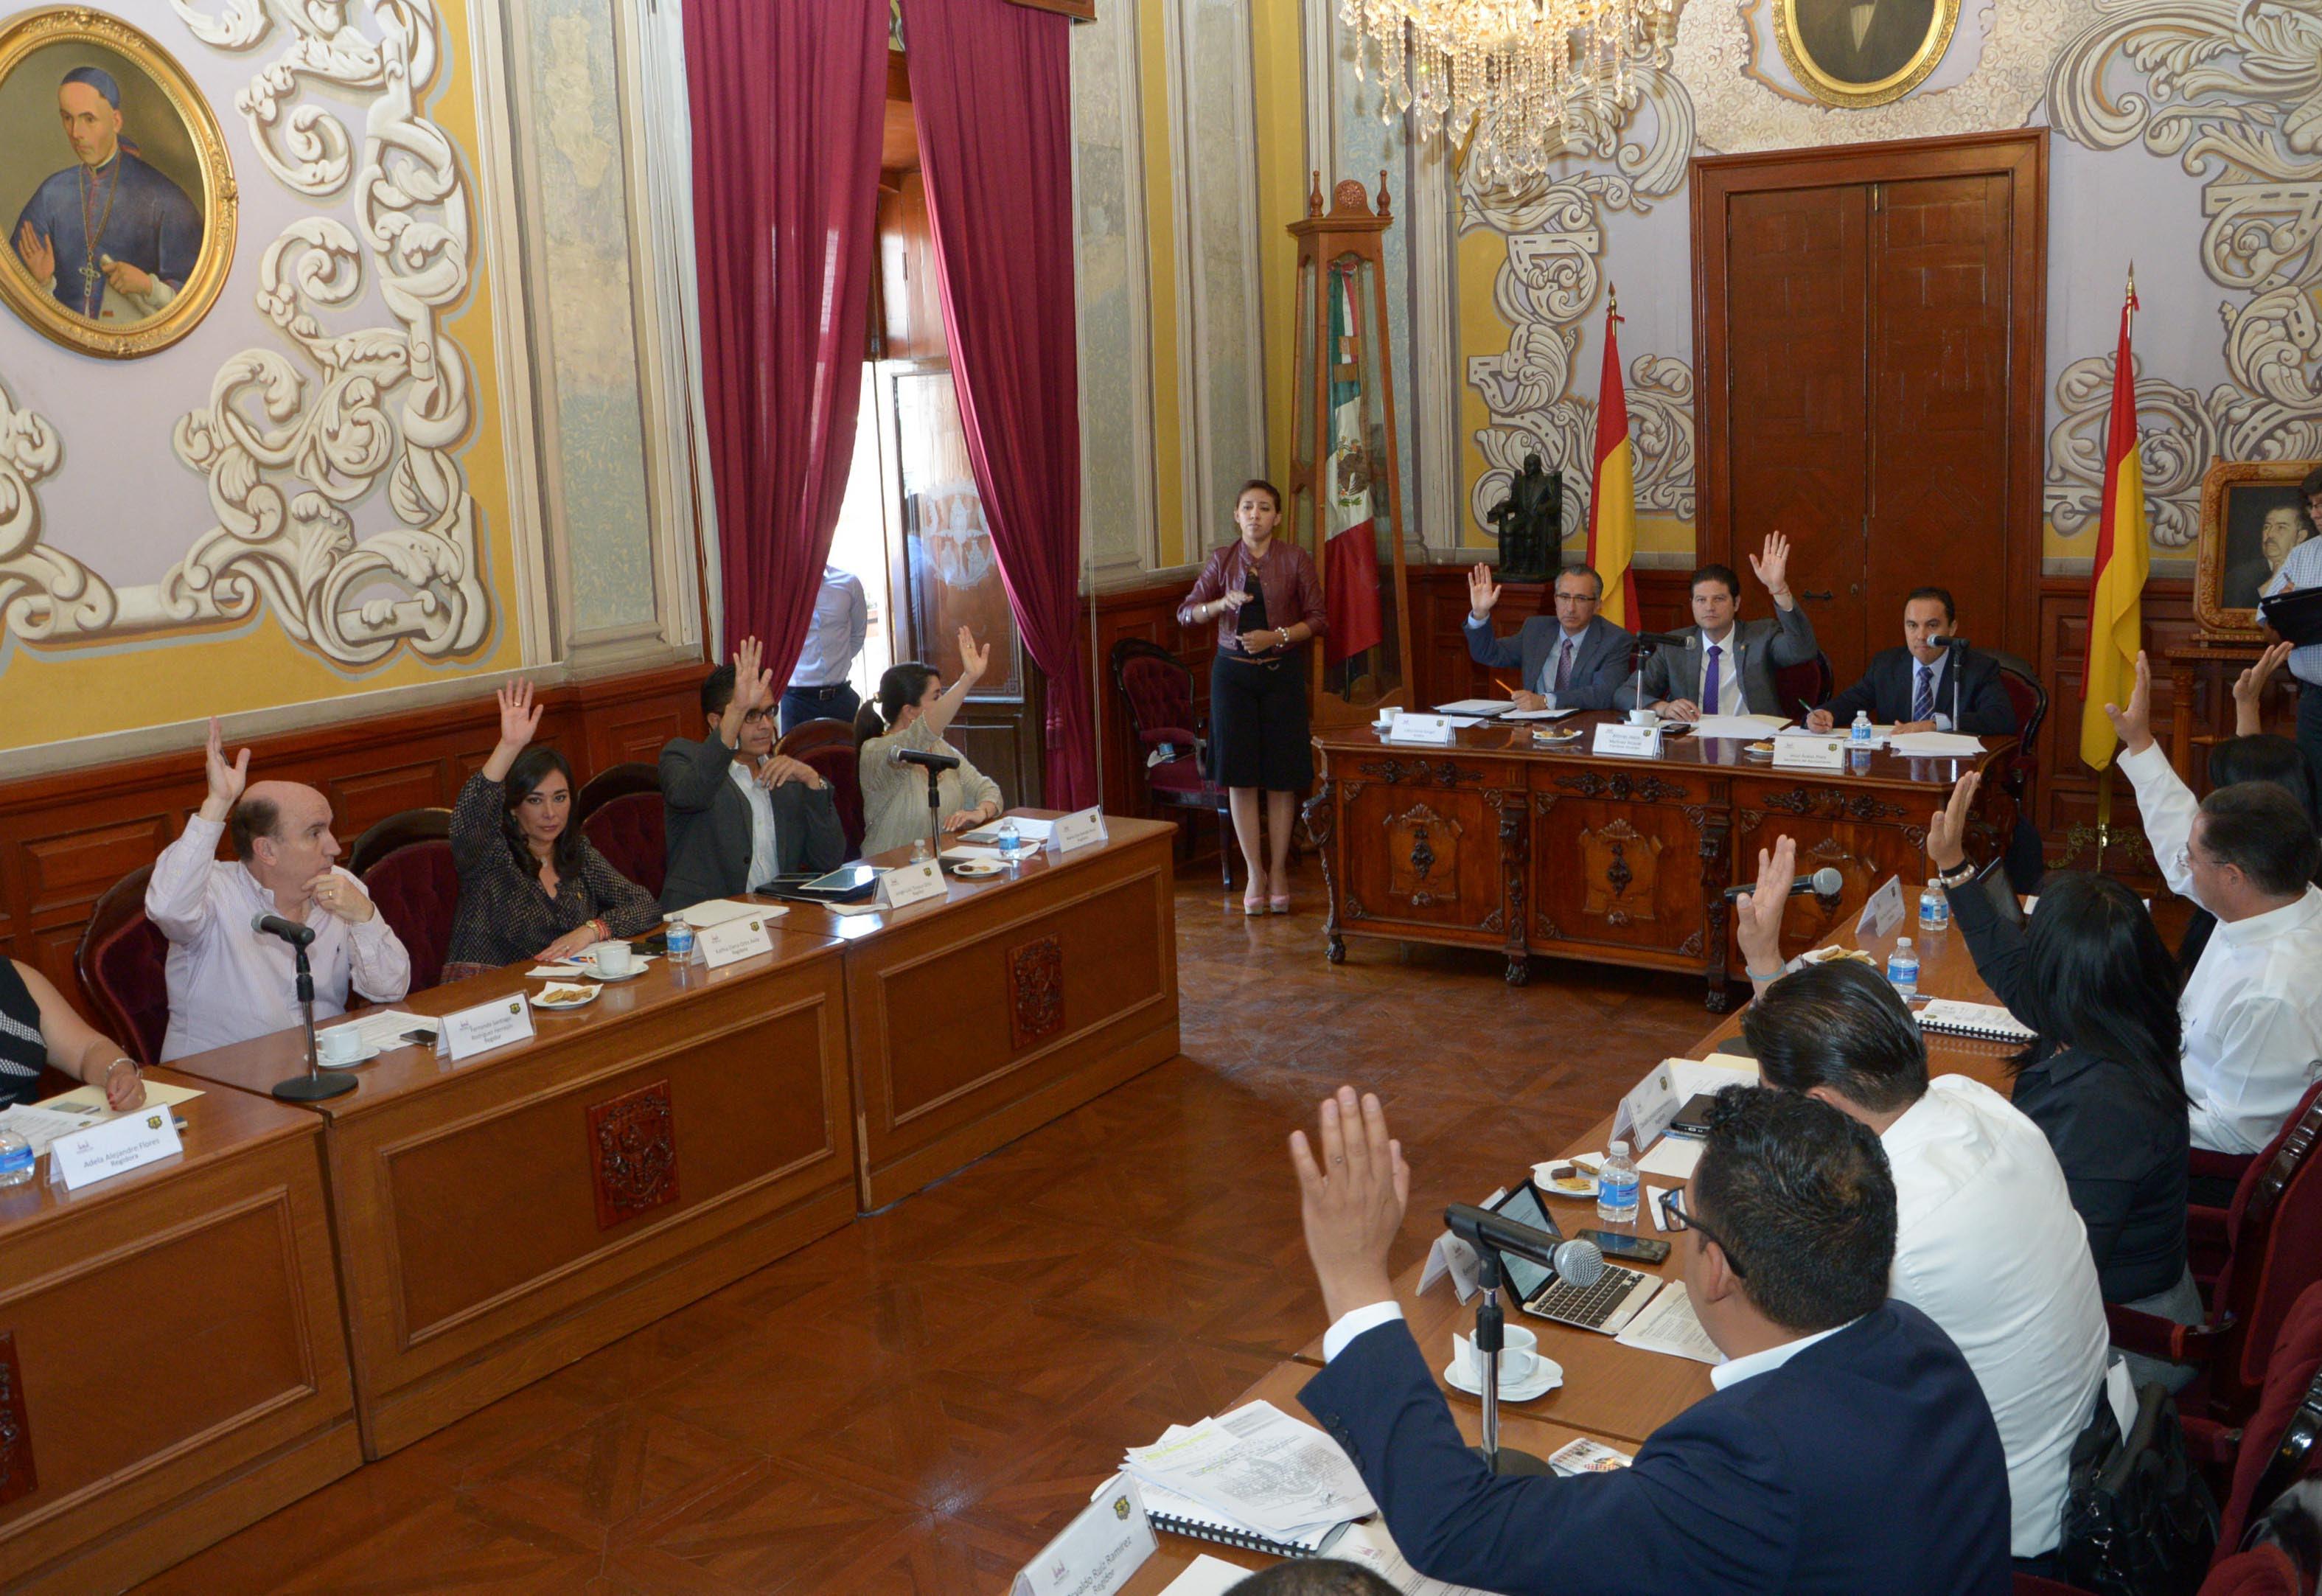 Los regidores determinaron dar su voto a favor para la ampliación líquida al Presupuesto de Ingresos y Presupuesto de Egresos correspondientes al ejercicio fiscal de 2016